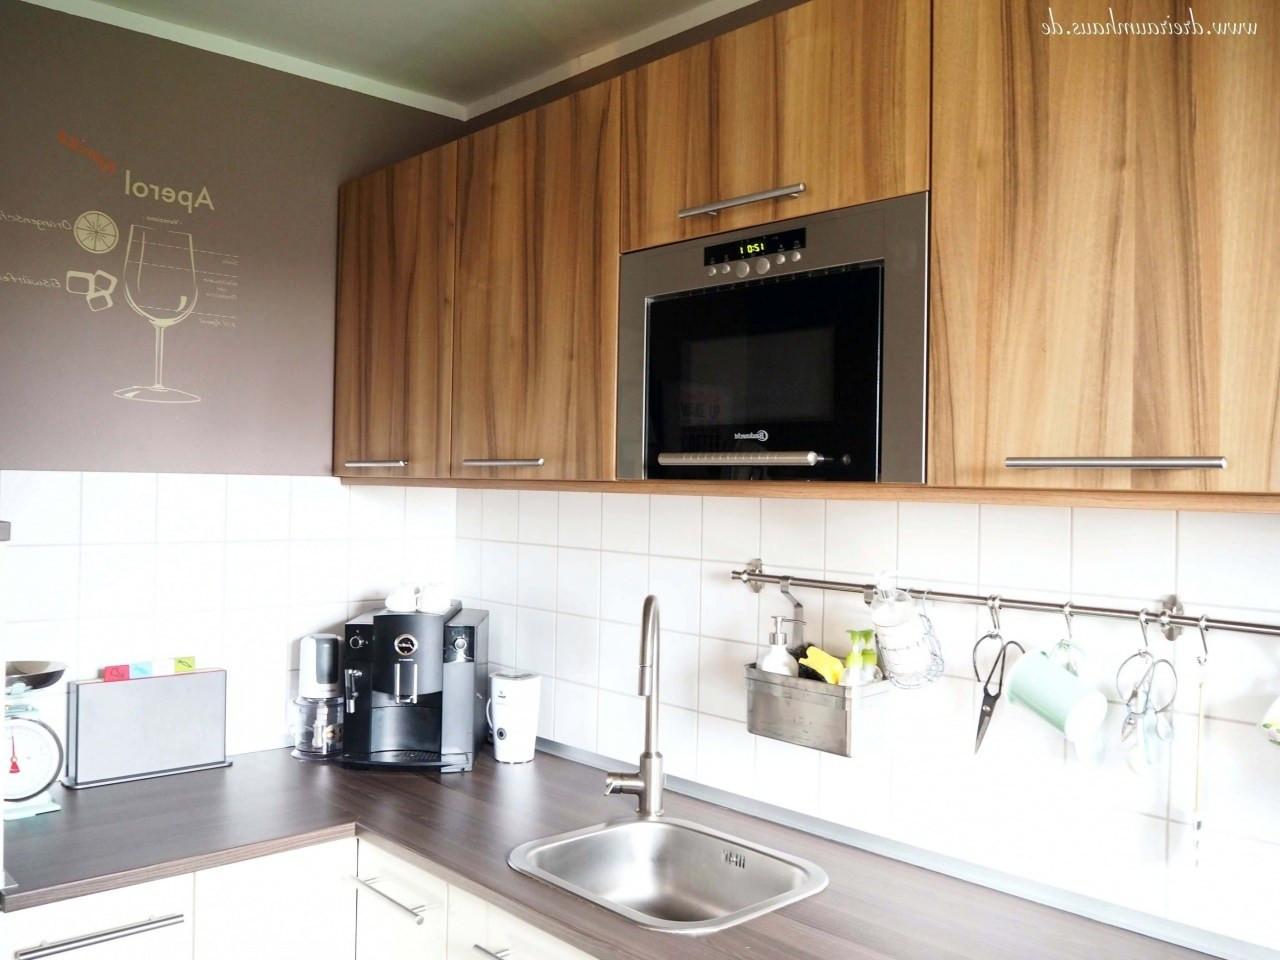 Küche Waschbecken  Ikea Küche Waschbecken